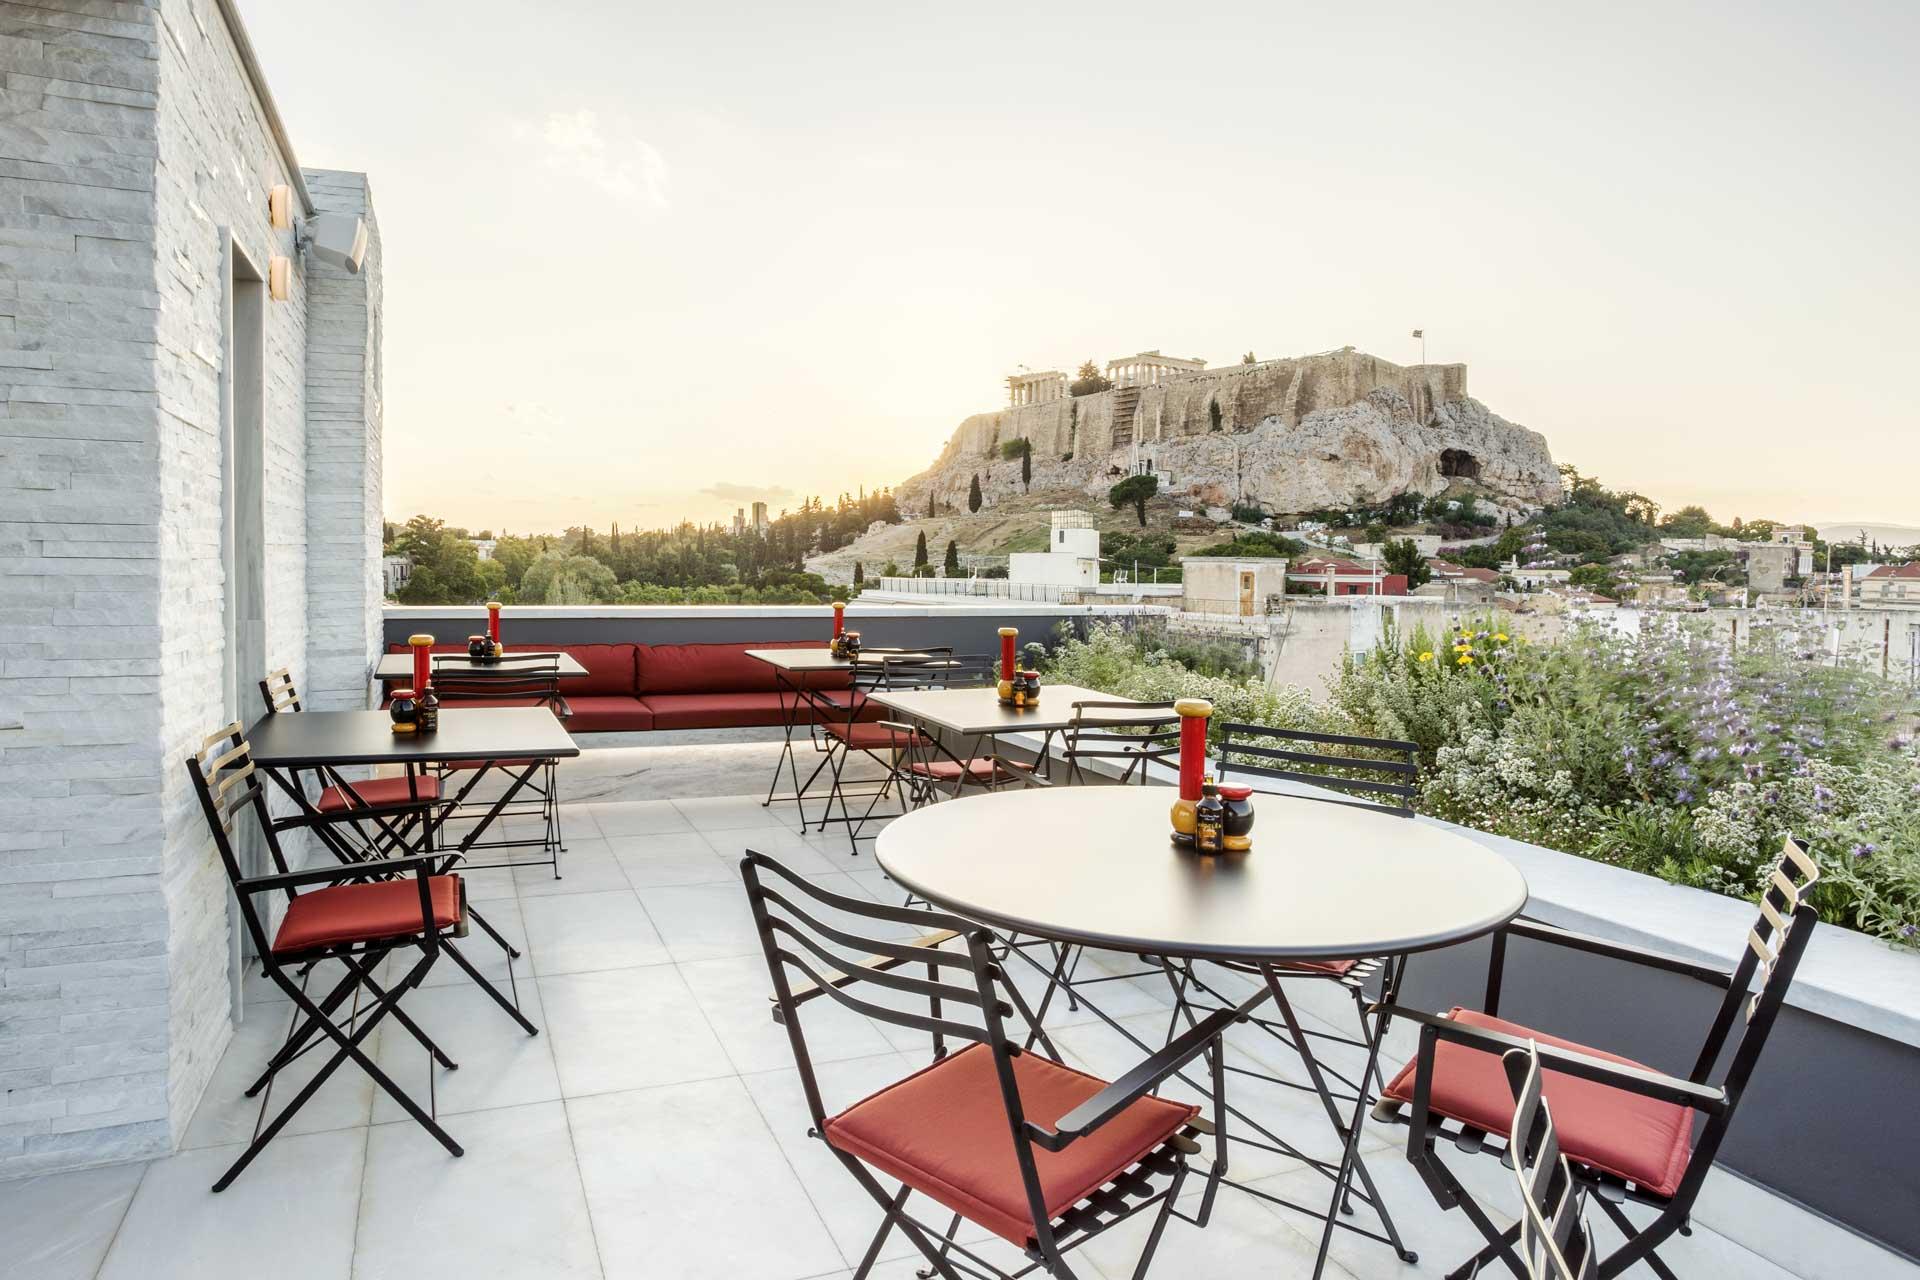 Au-delà de son patrimoine incomparable, Athènes est aussi une capitale ancrée dans son temps avec son lot d'adresses chics ou branchées, idéales pour une escale prolongée avant de efiler sur les îles ou un city break dédié. Sélection des meilleurs hôtels, restaurants, bars et autres spots à découvrir.